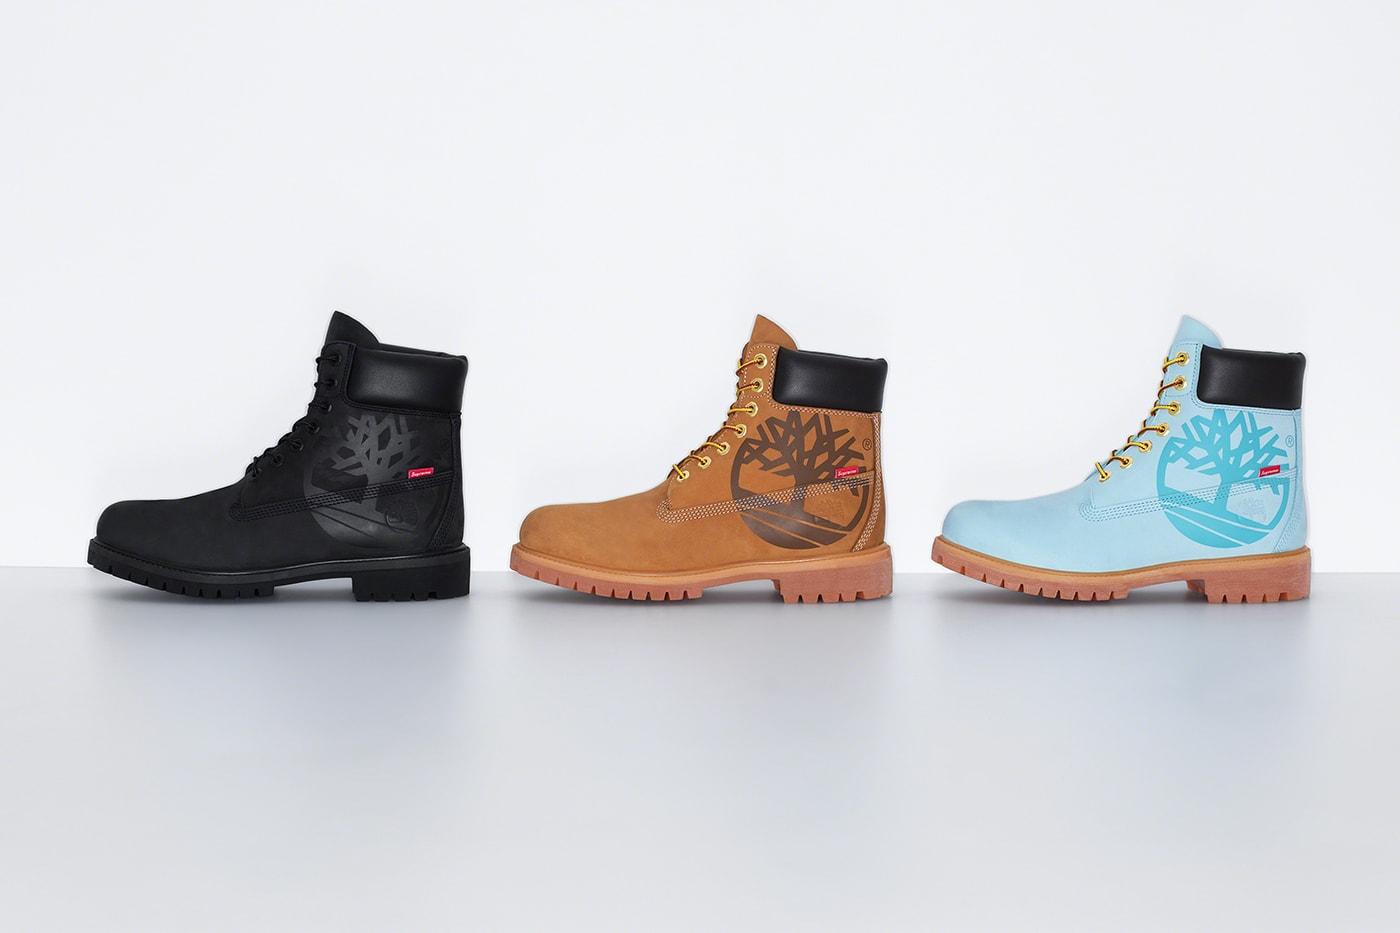 シュプリームがVFコープ傘下のティンバーランドとコラボ6インチブーツをリリース Supreme x Timberland Fall/Winter 2020 Collaboration 6-Inch Boots Release